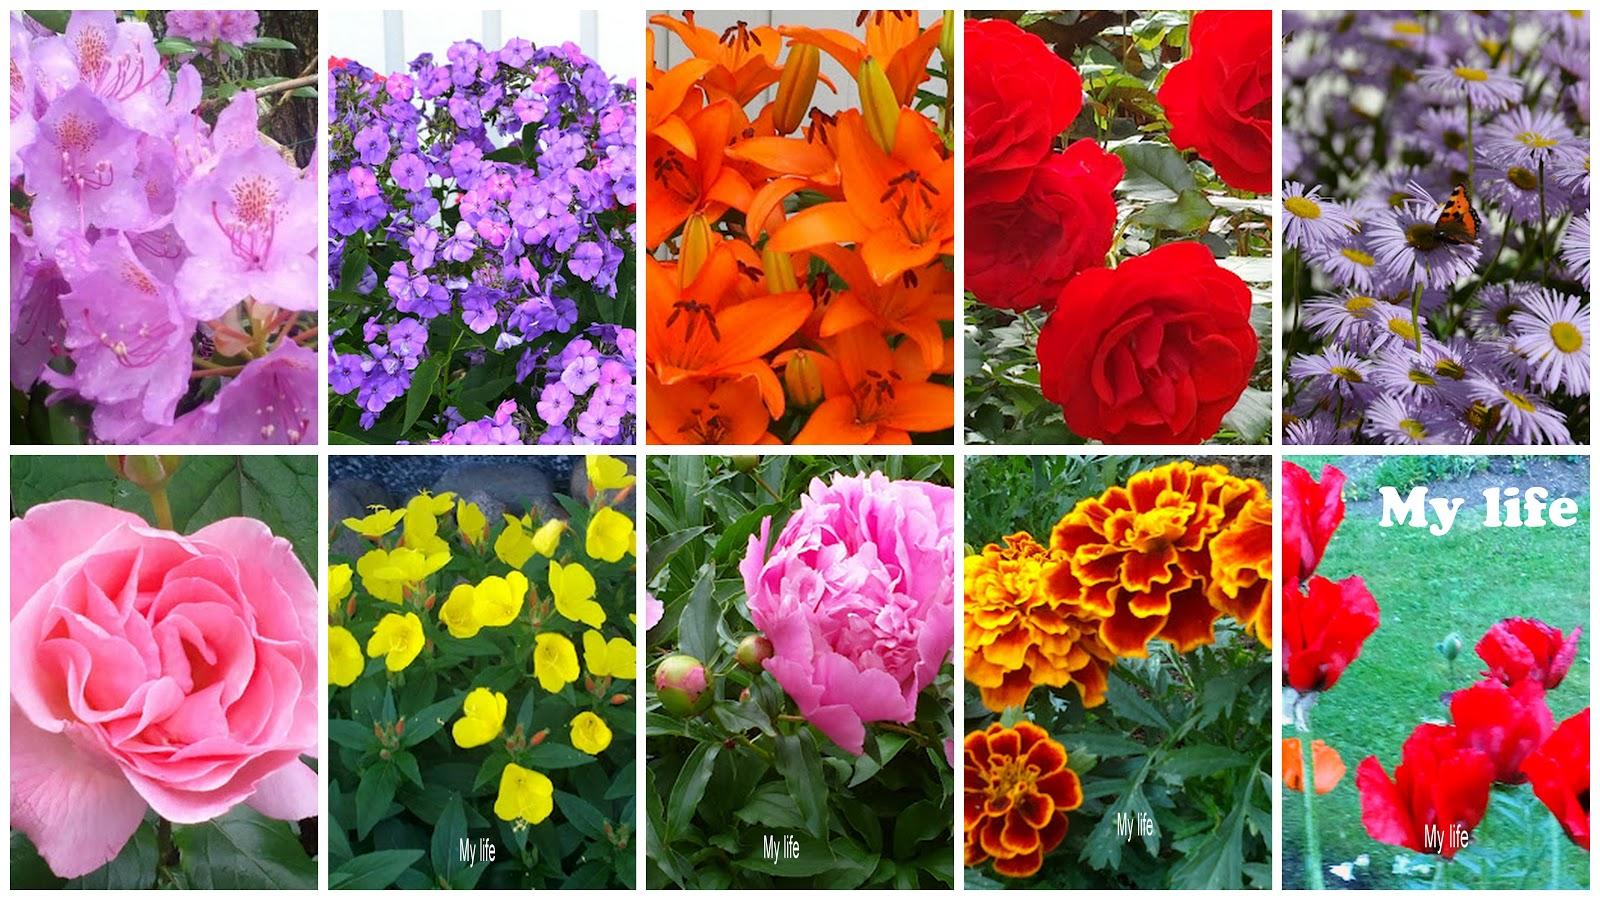 Väriä elämään! – Some color!